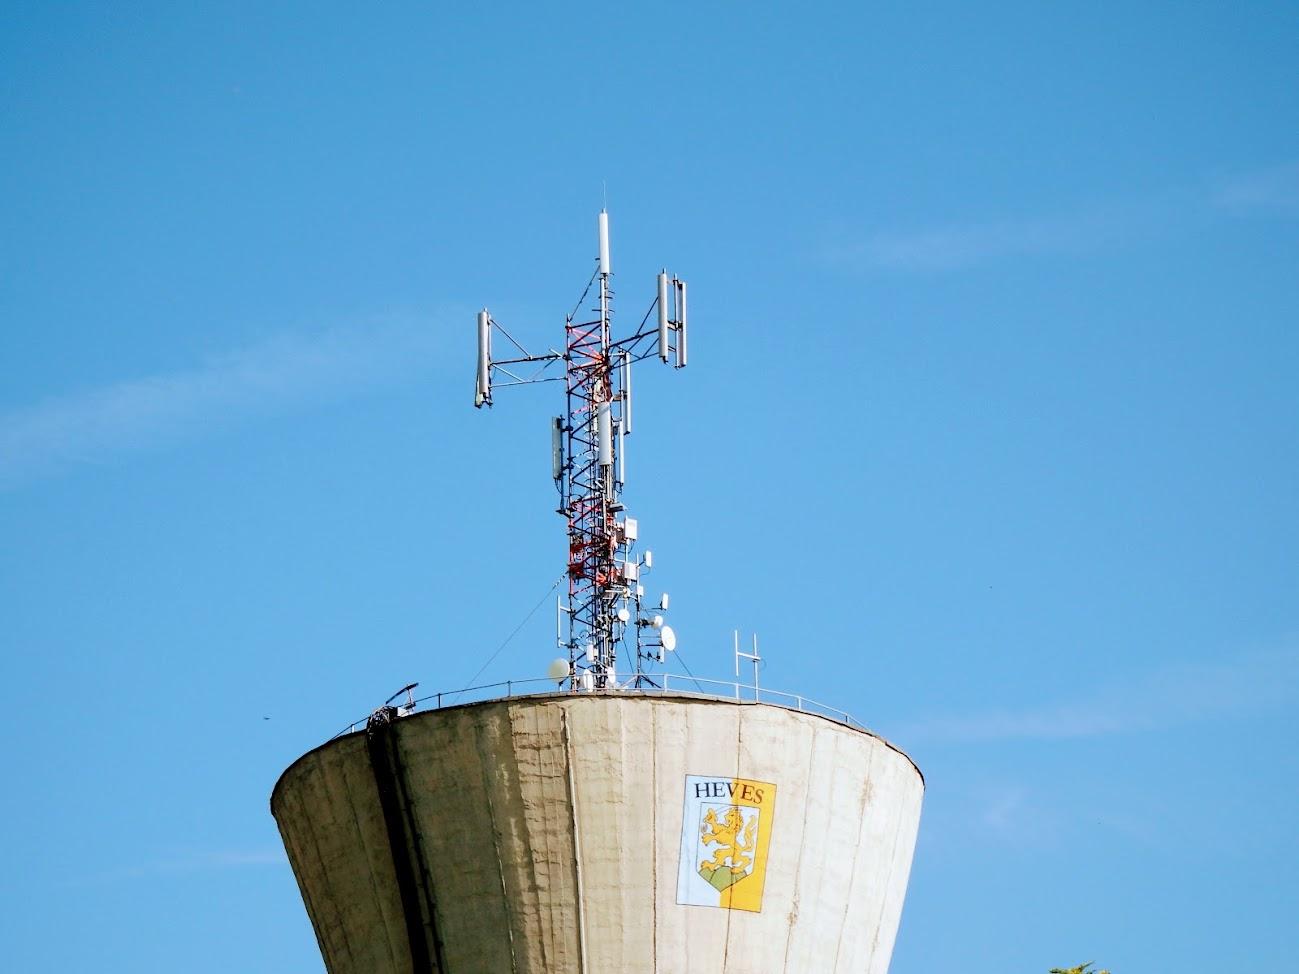 Heves/víztorony - helyi URH-FM adóállomás